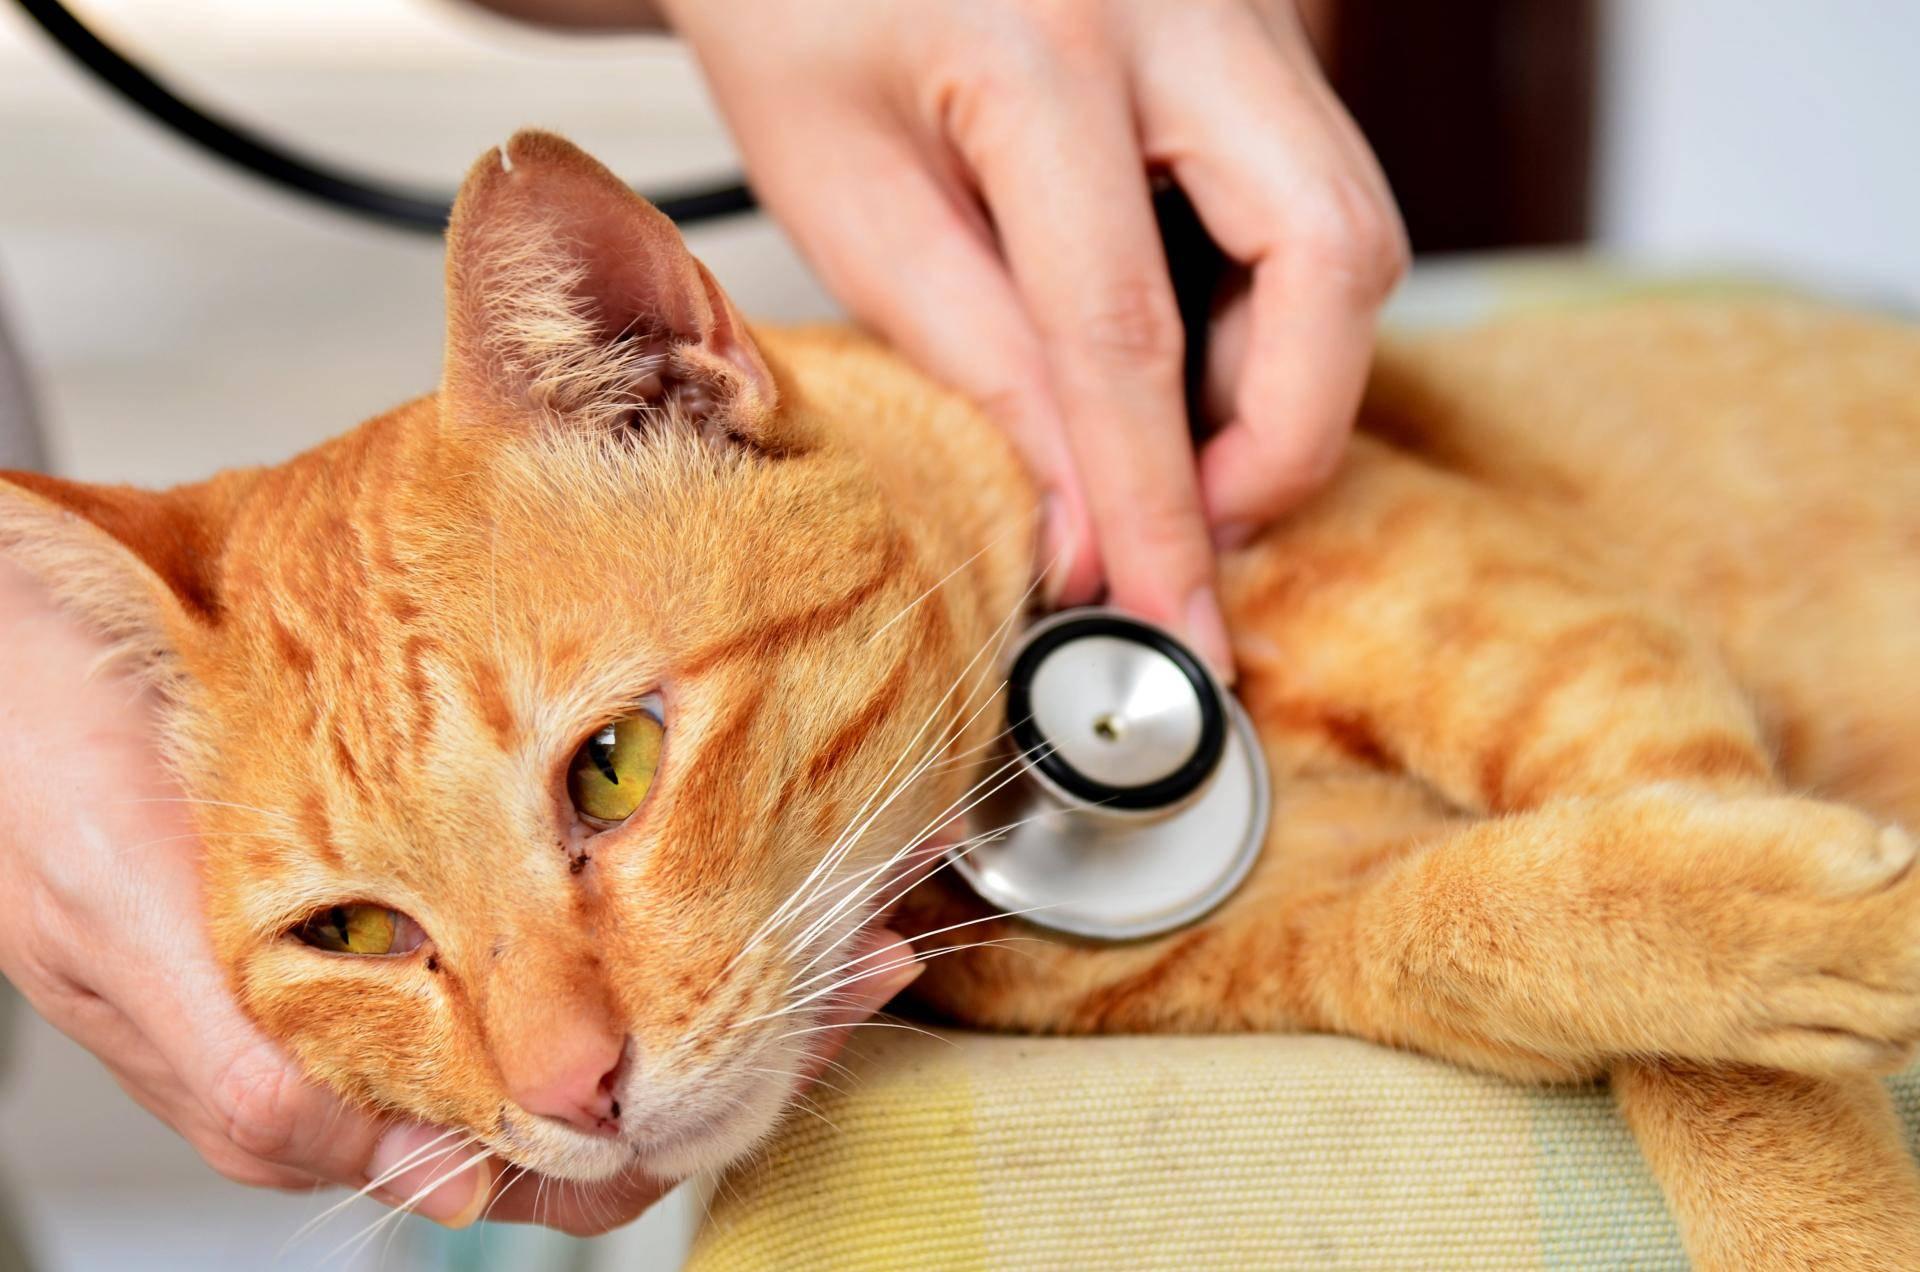 Лейкоз у кошек: что это такое и чем опасен